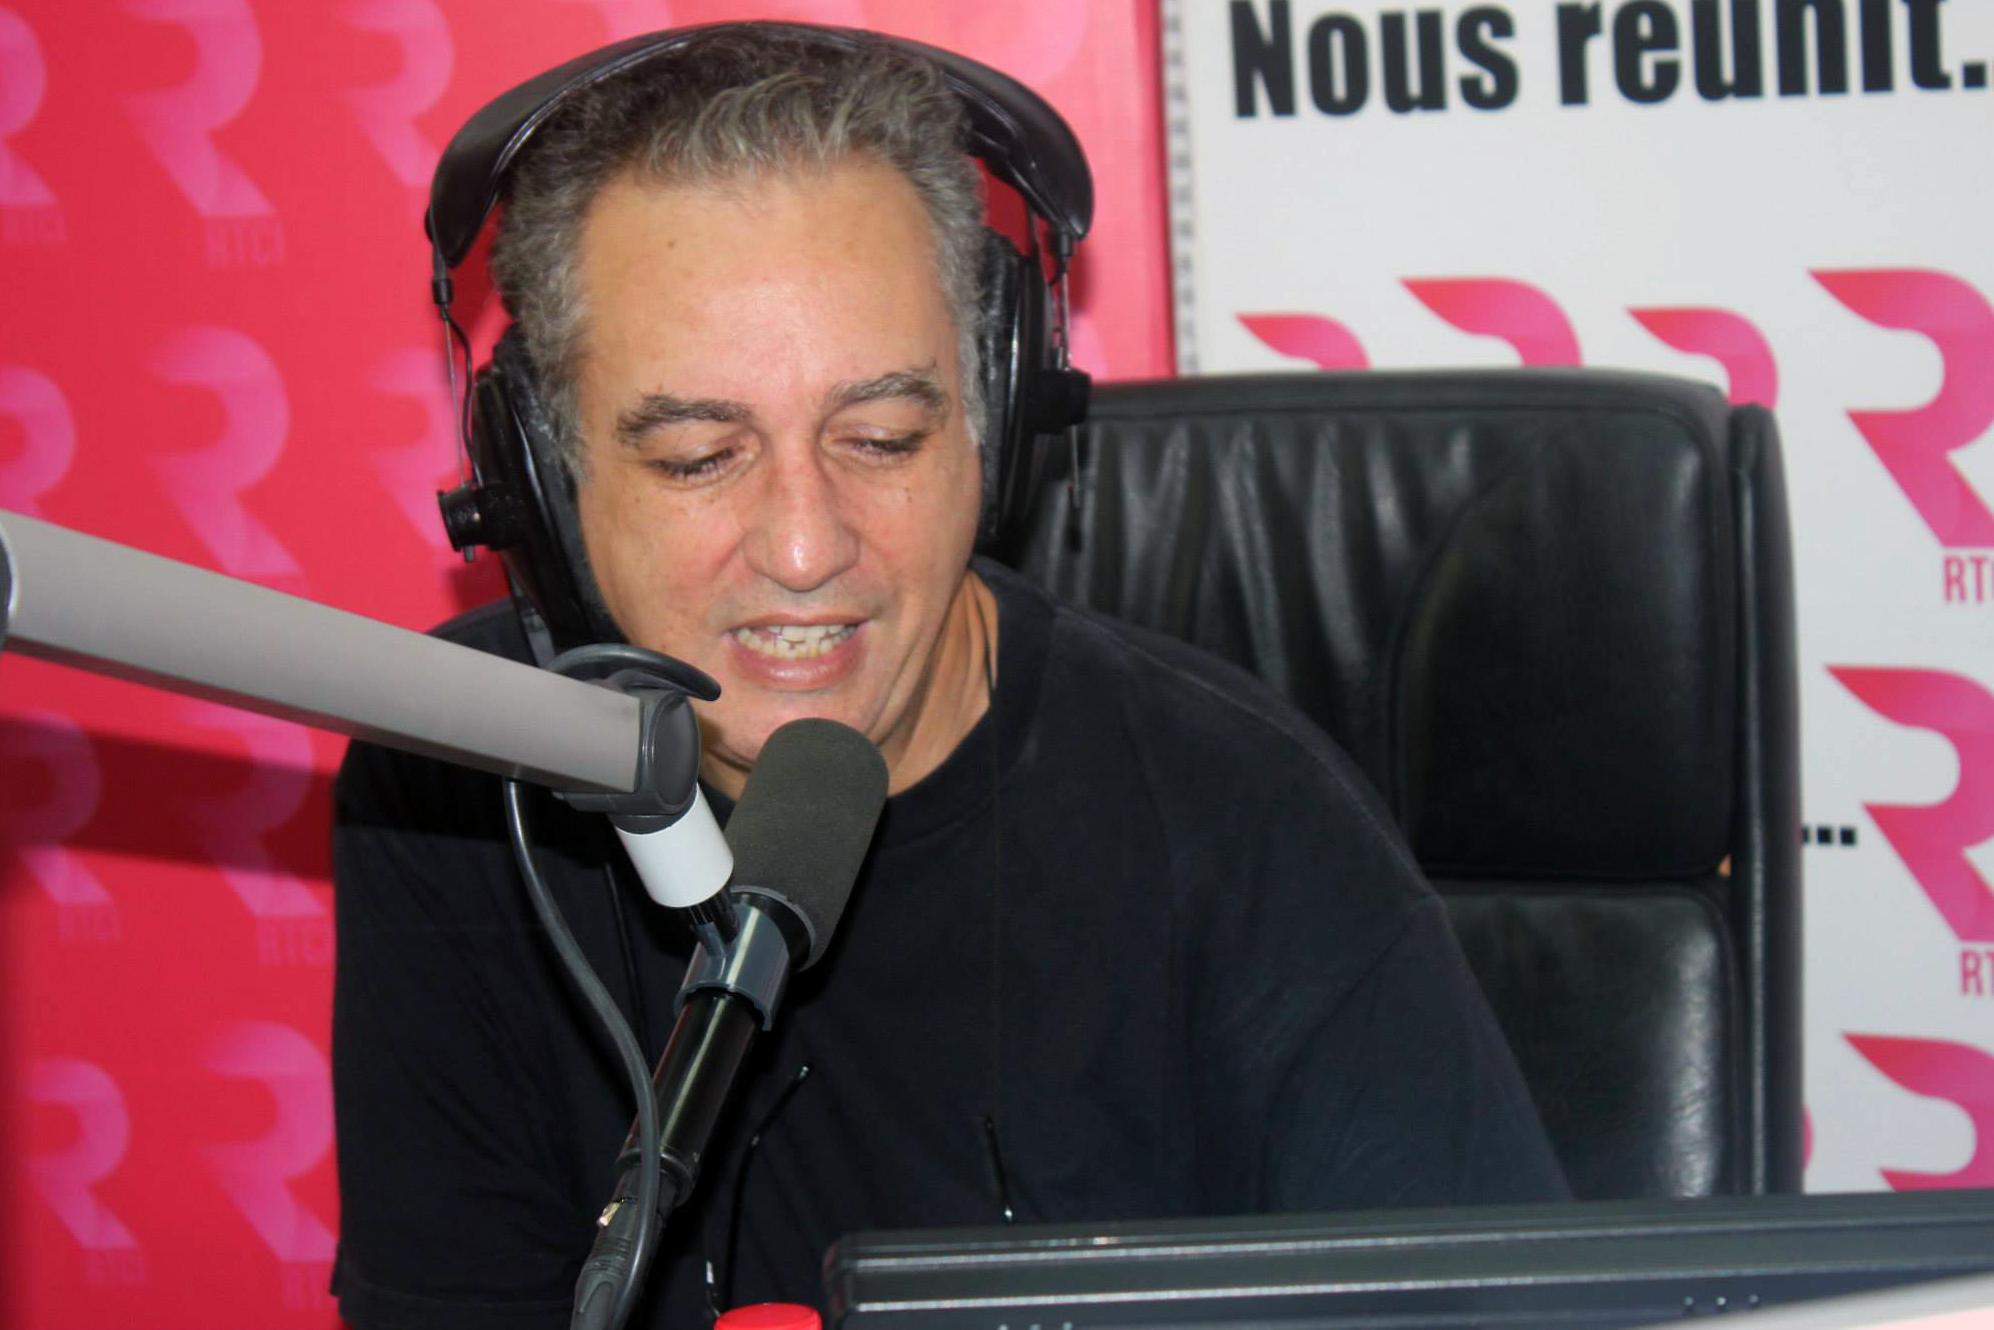 Karim Benamor est animateur et journaliste à Tunis. Il a 51 ans